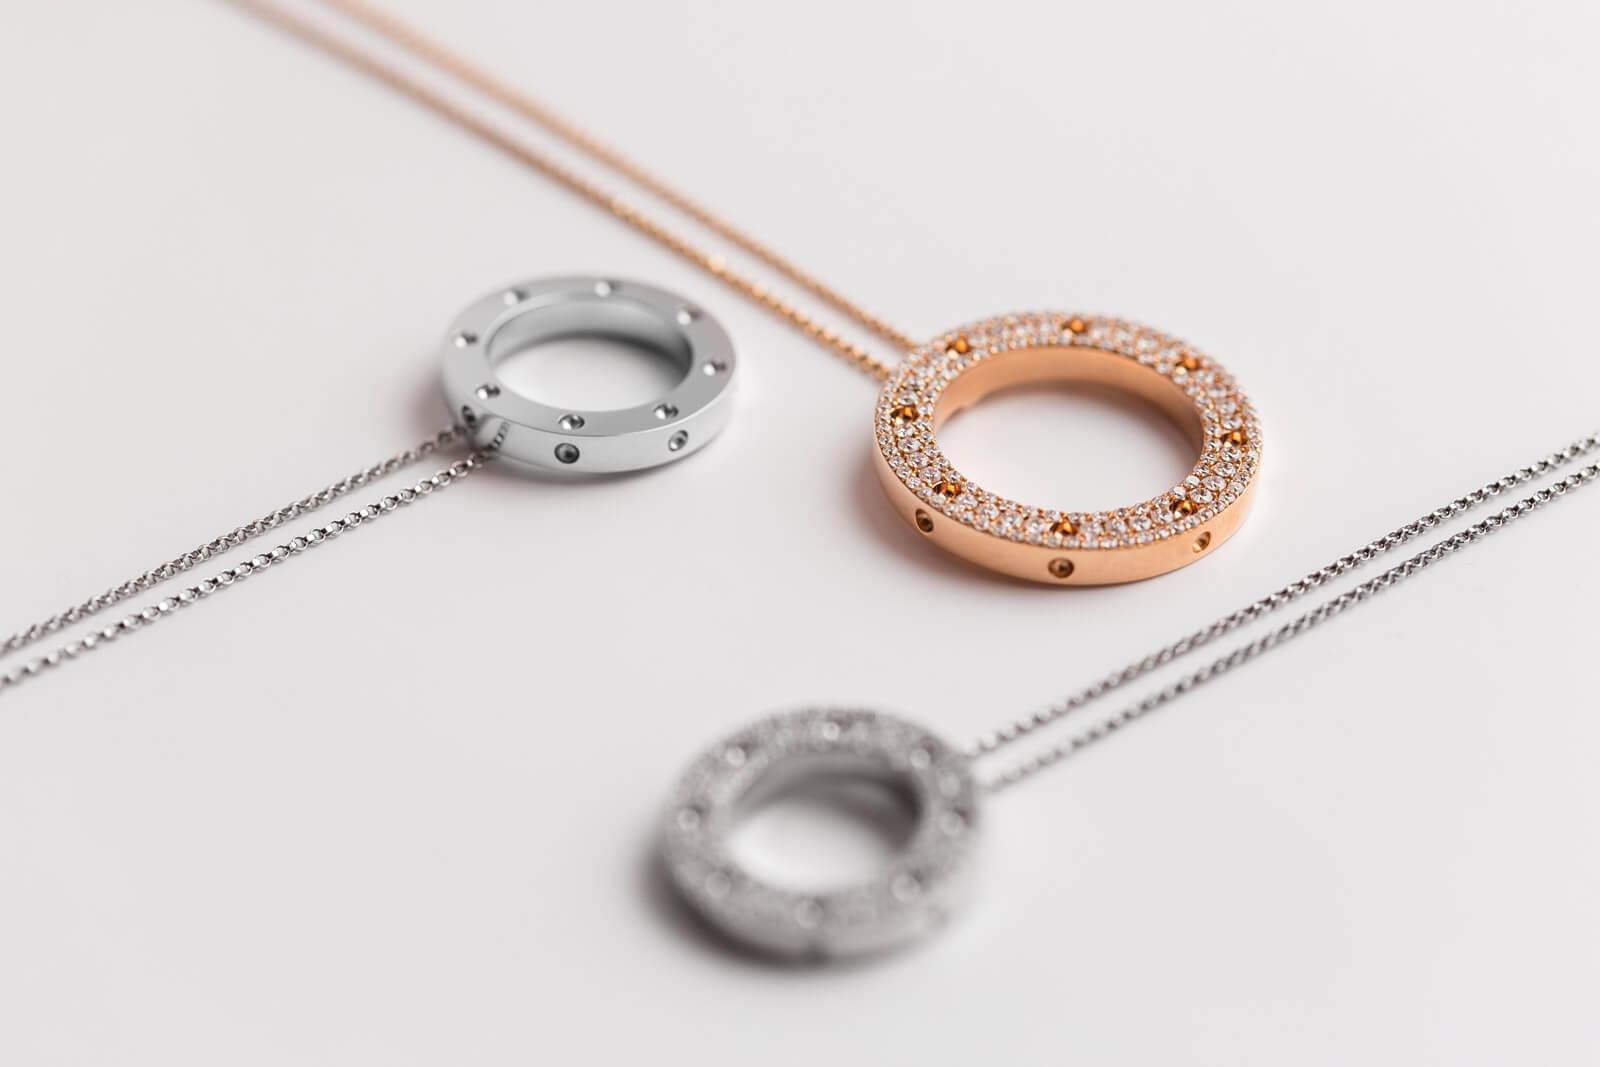 Roberto Coin Pois Moi ogrlice